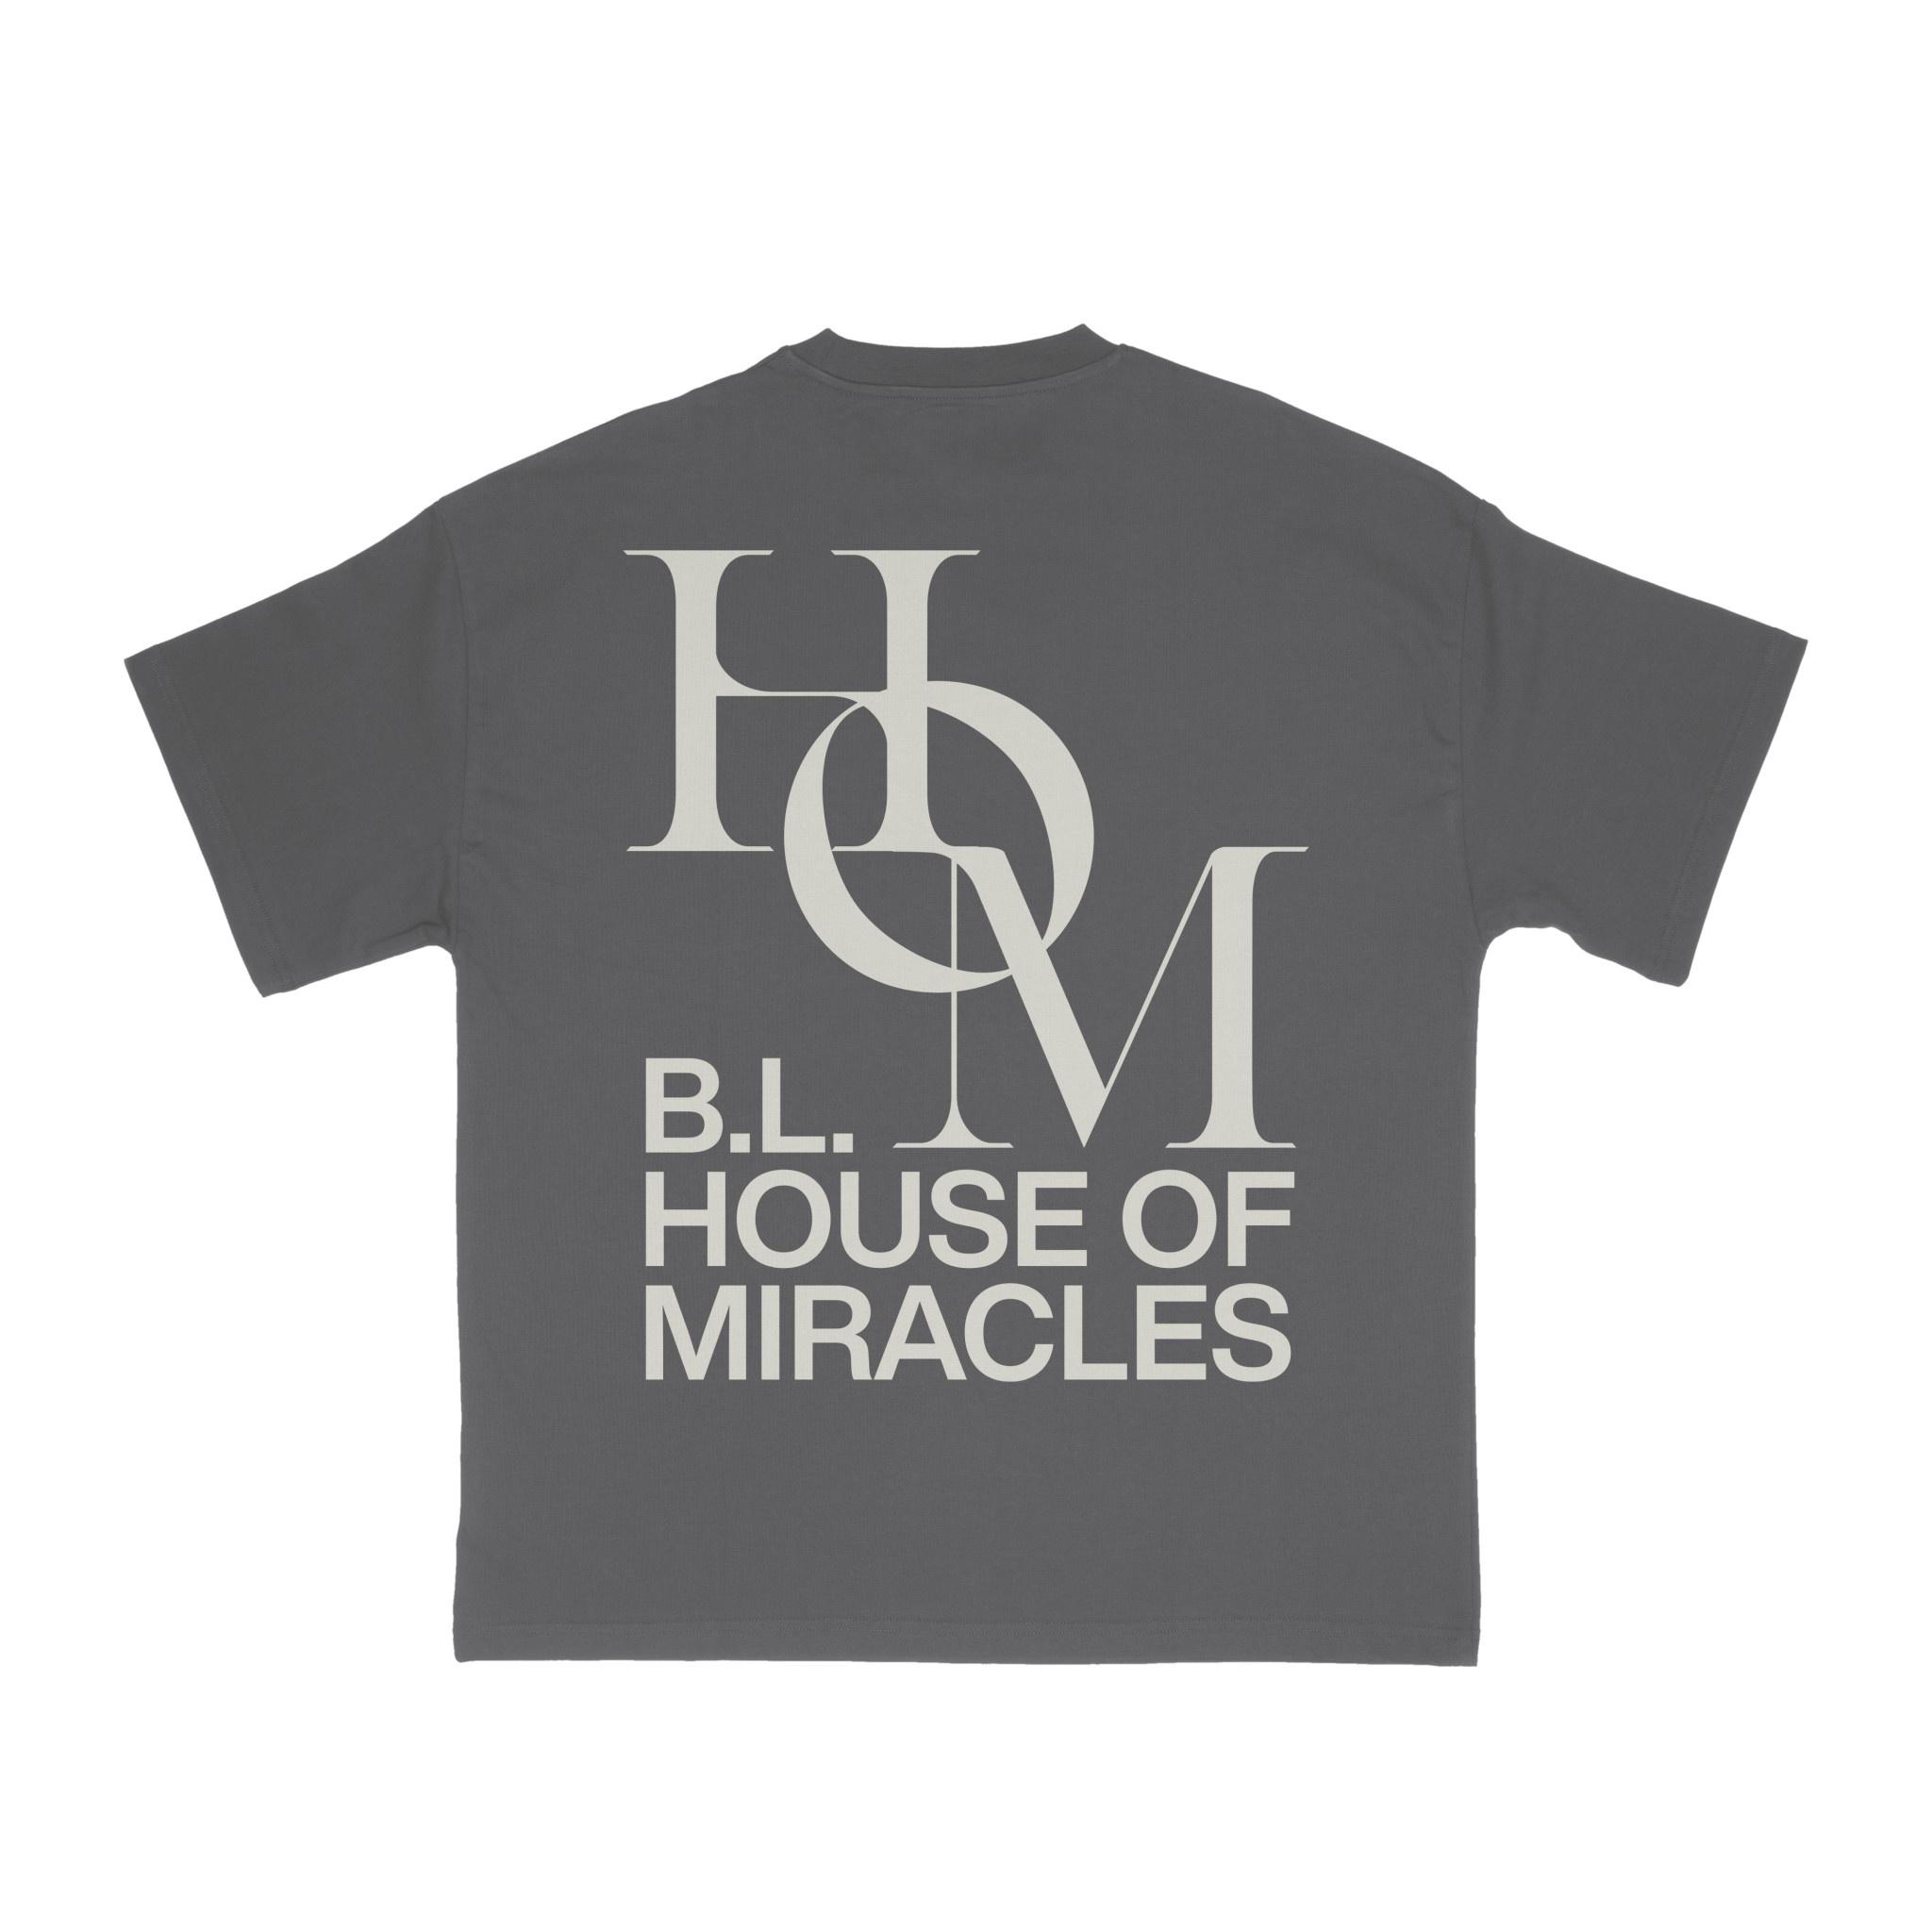 Brandon Lake Grey House of Miracles T-Shirt -